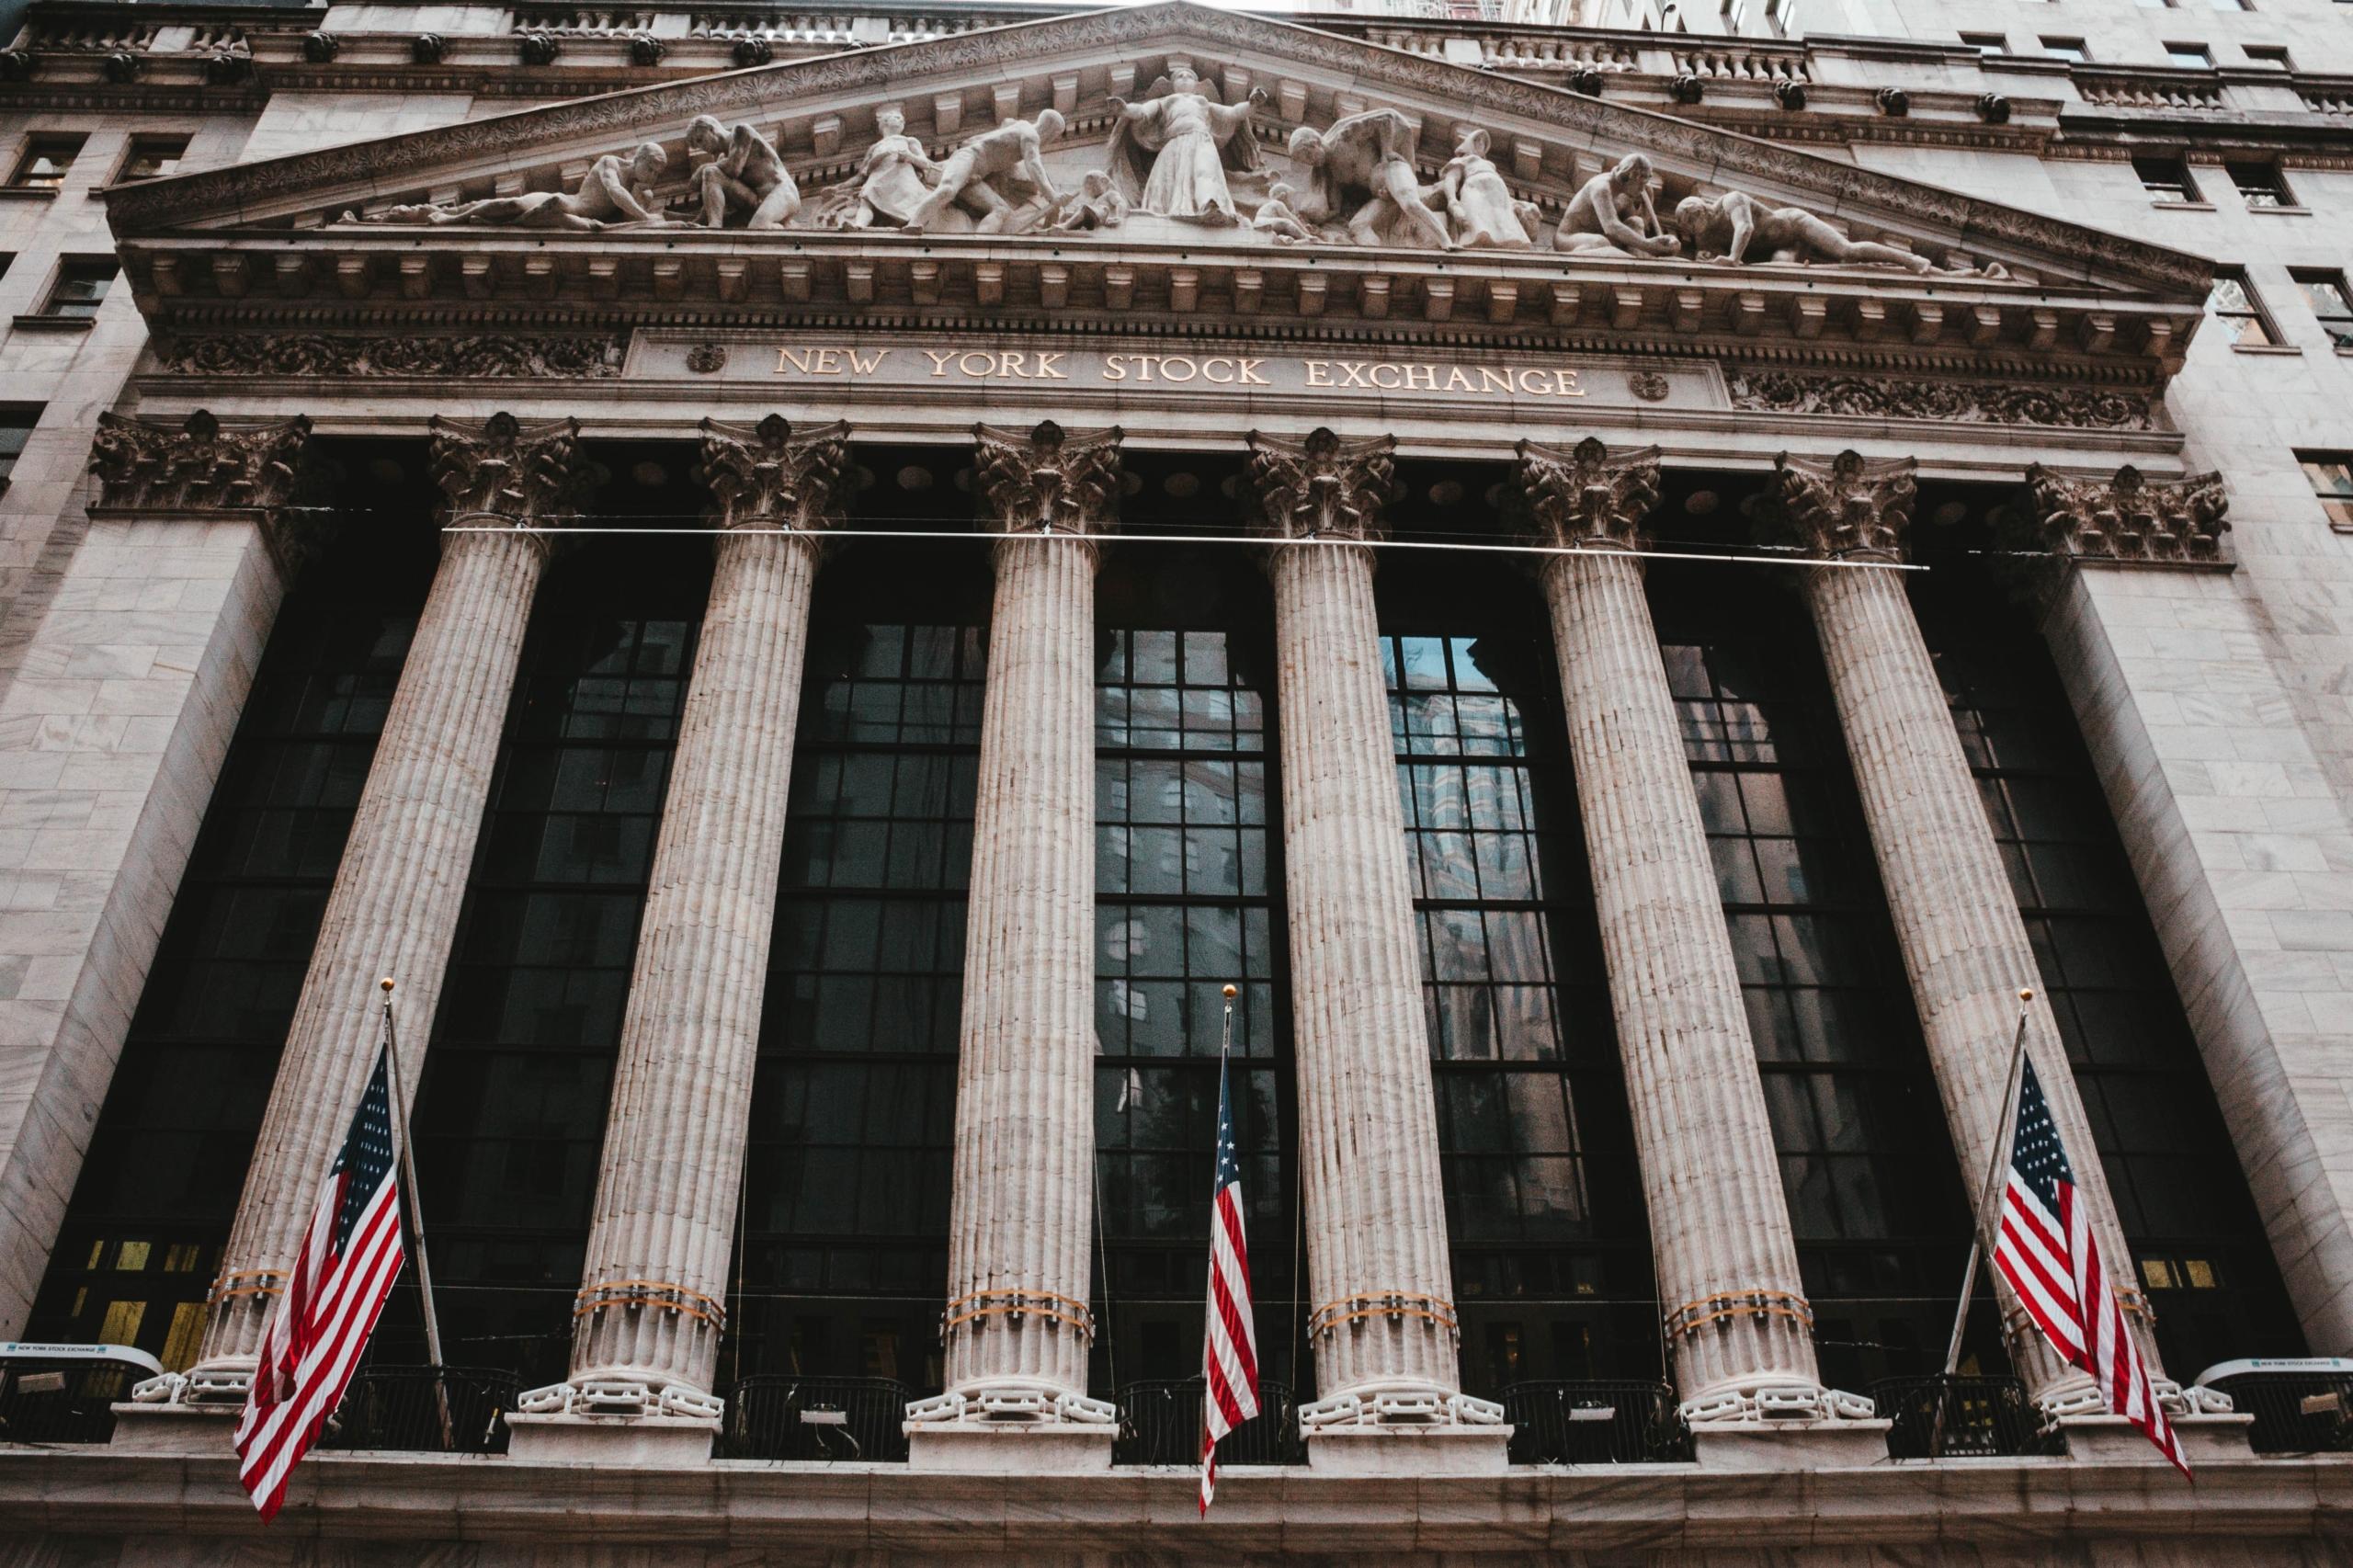 投資の基礎 投資信託編 第3回目 ヘッジファンドの投資戦略について